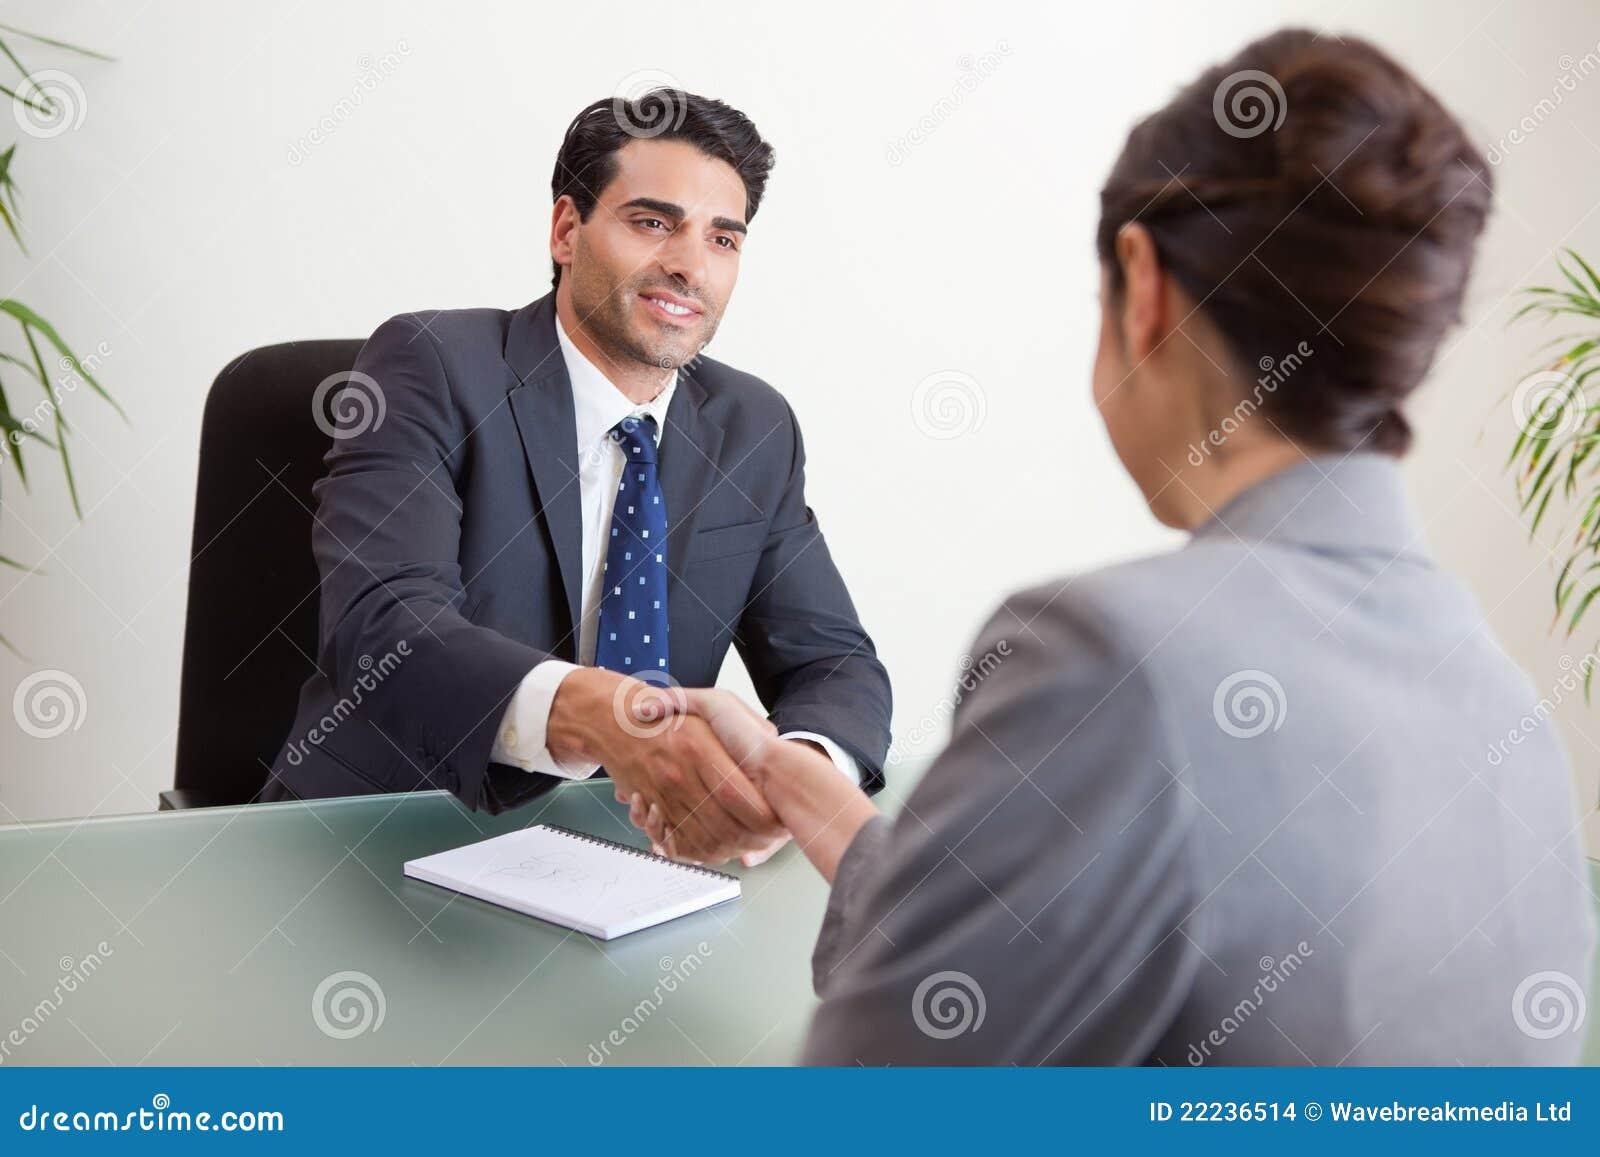 Χαμογελώντας διευθυντής που παίρνει συνέντευξη από μια γυναίκα υποψήφιος